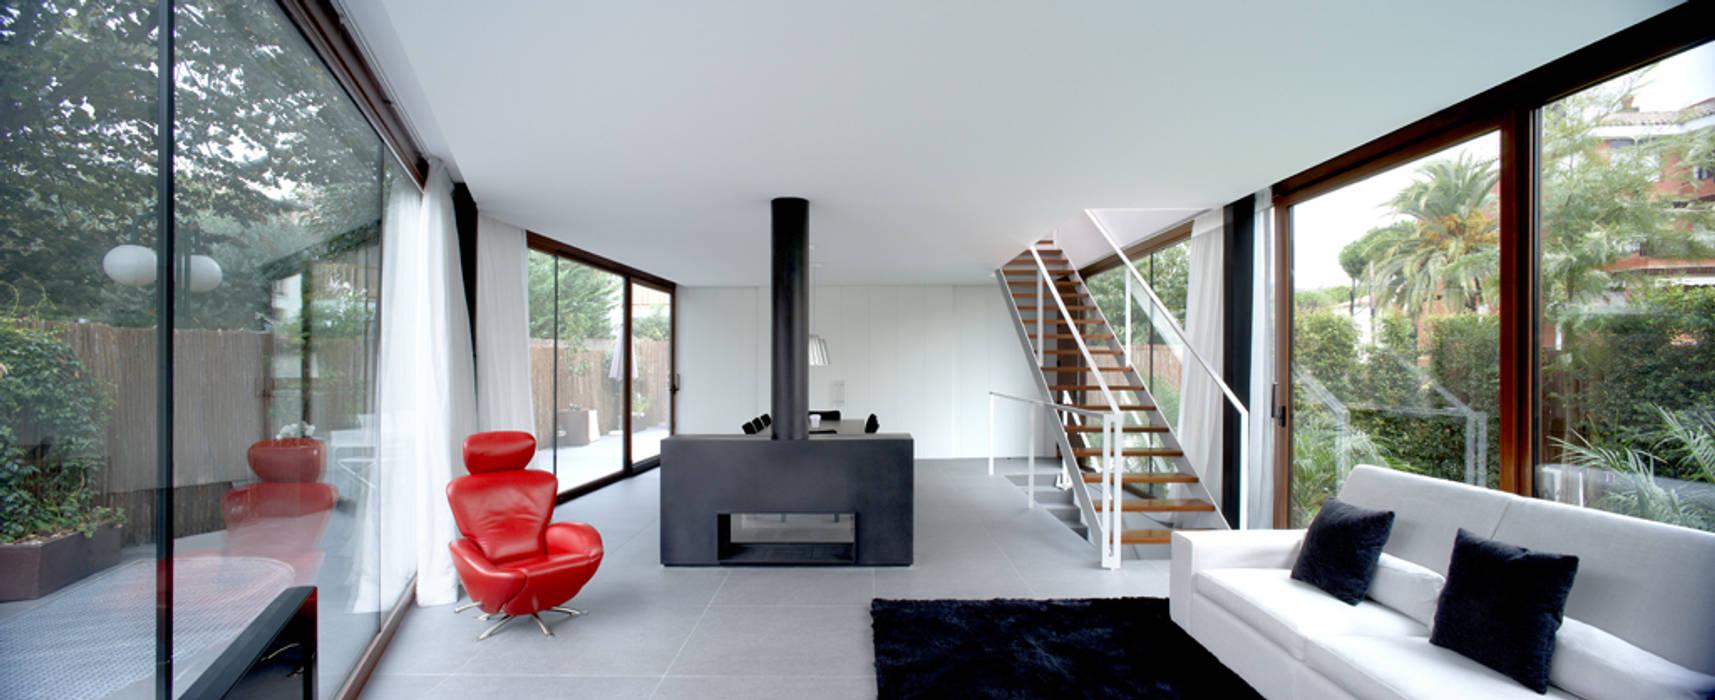 Construcción de vivienda unifamiliar en Vilassar de Mar, Maresme, Barcelona: Cocinas de estilo minimalista de THK Construcciones